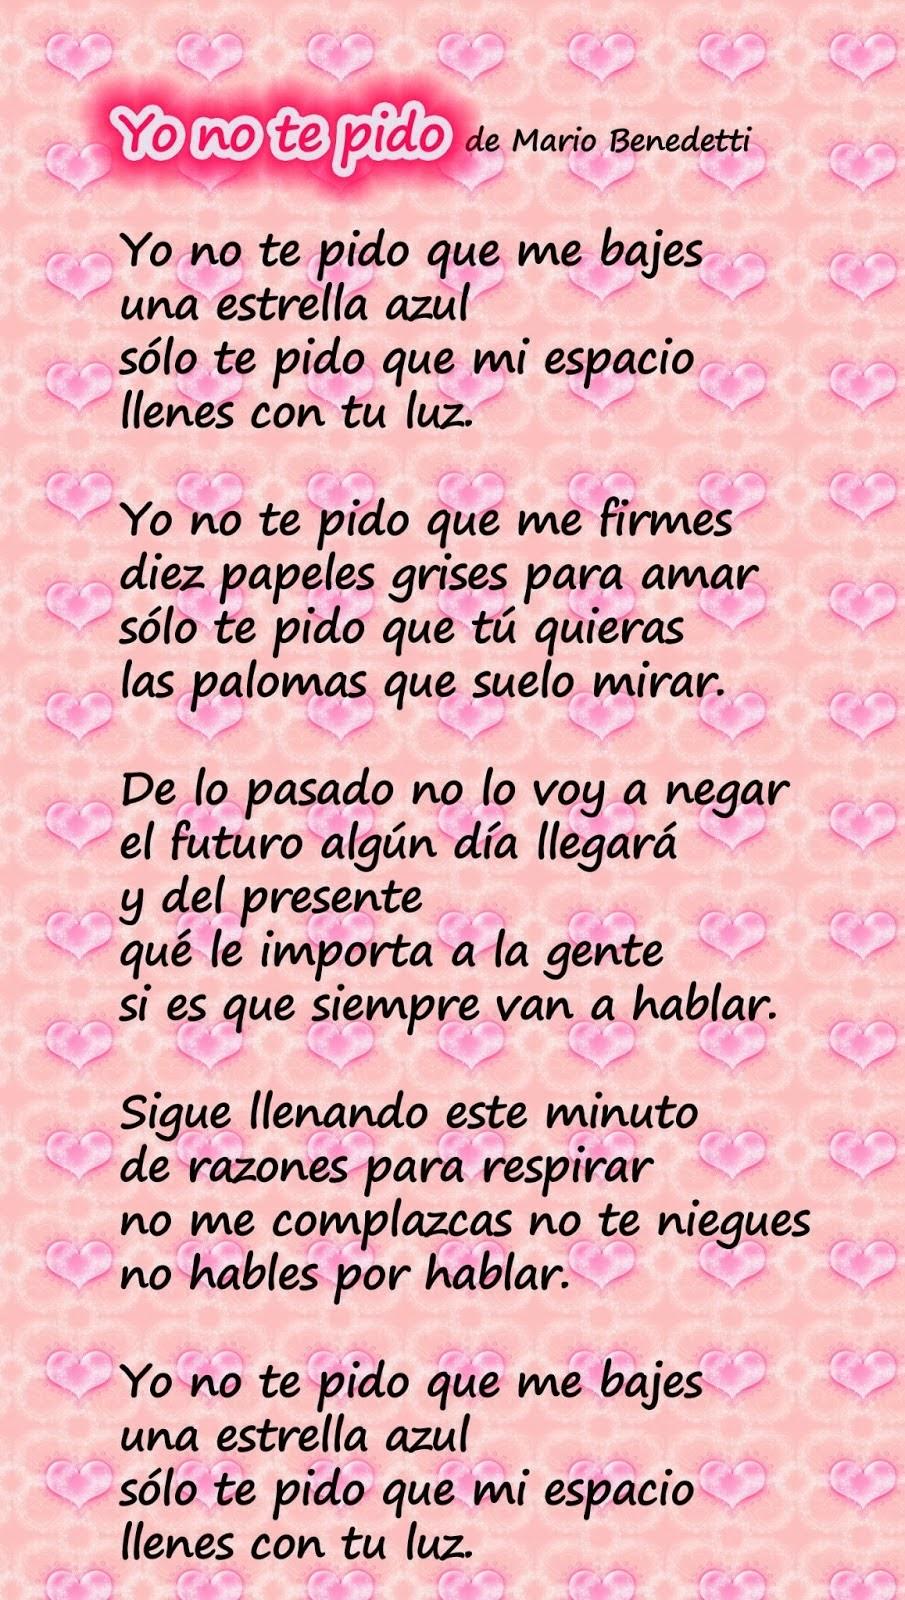 Frases De Amor: Yo No Te Pido